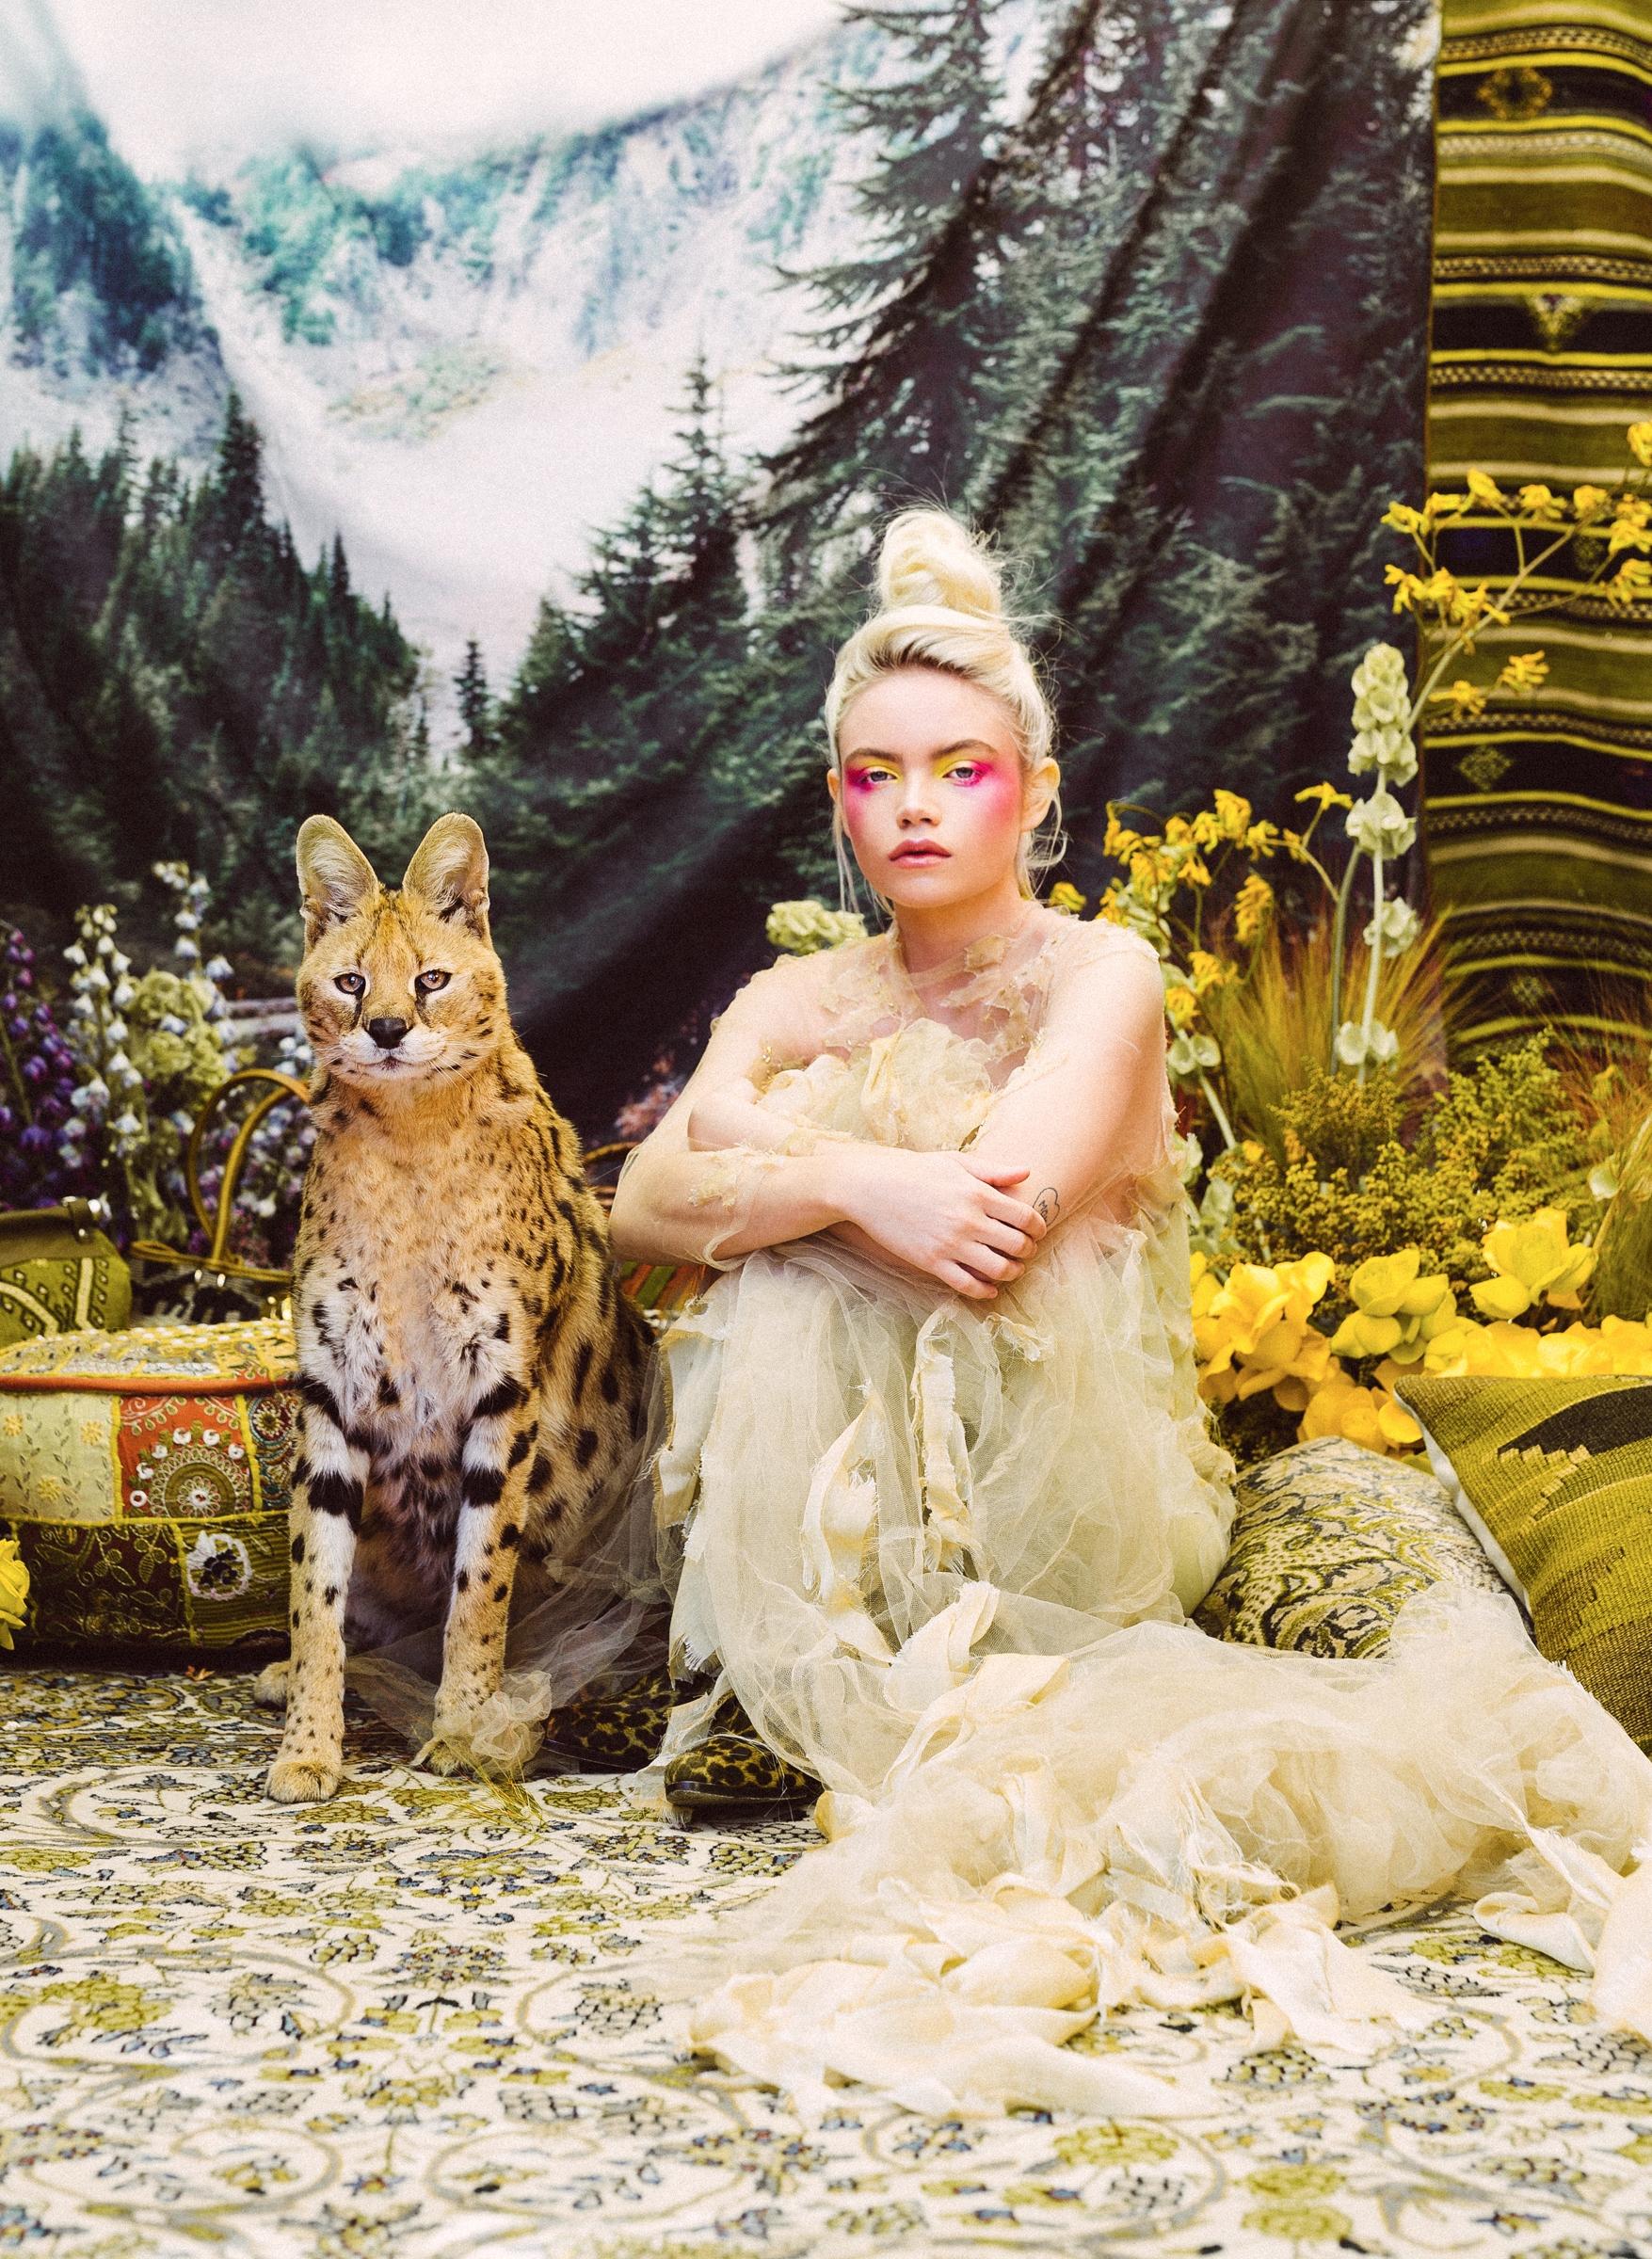 Wild ongoing series raise aware - deanastacia | ello